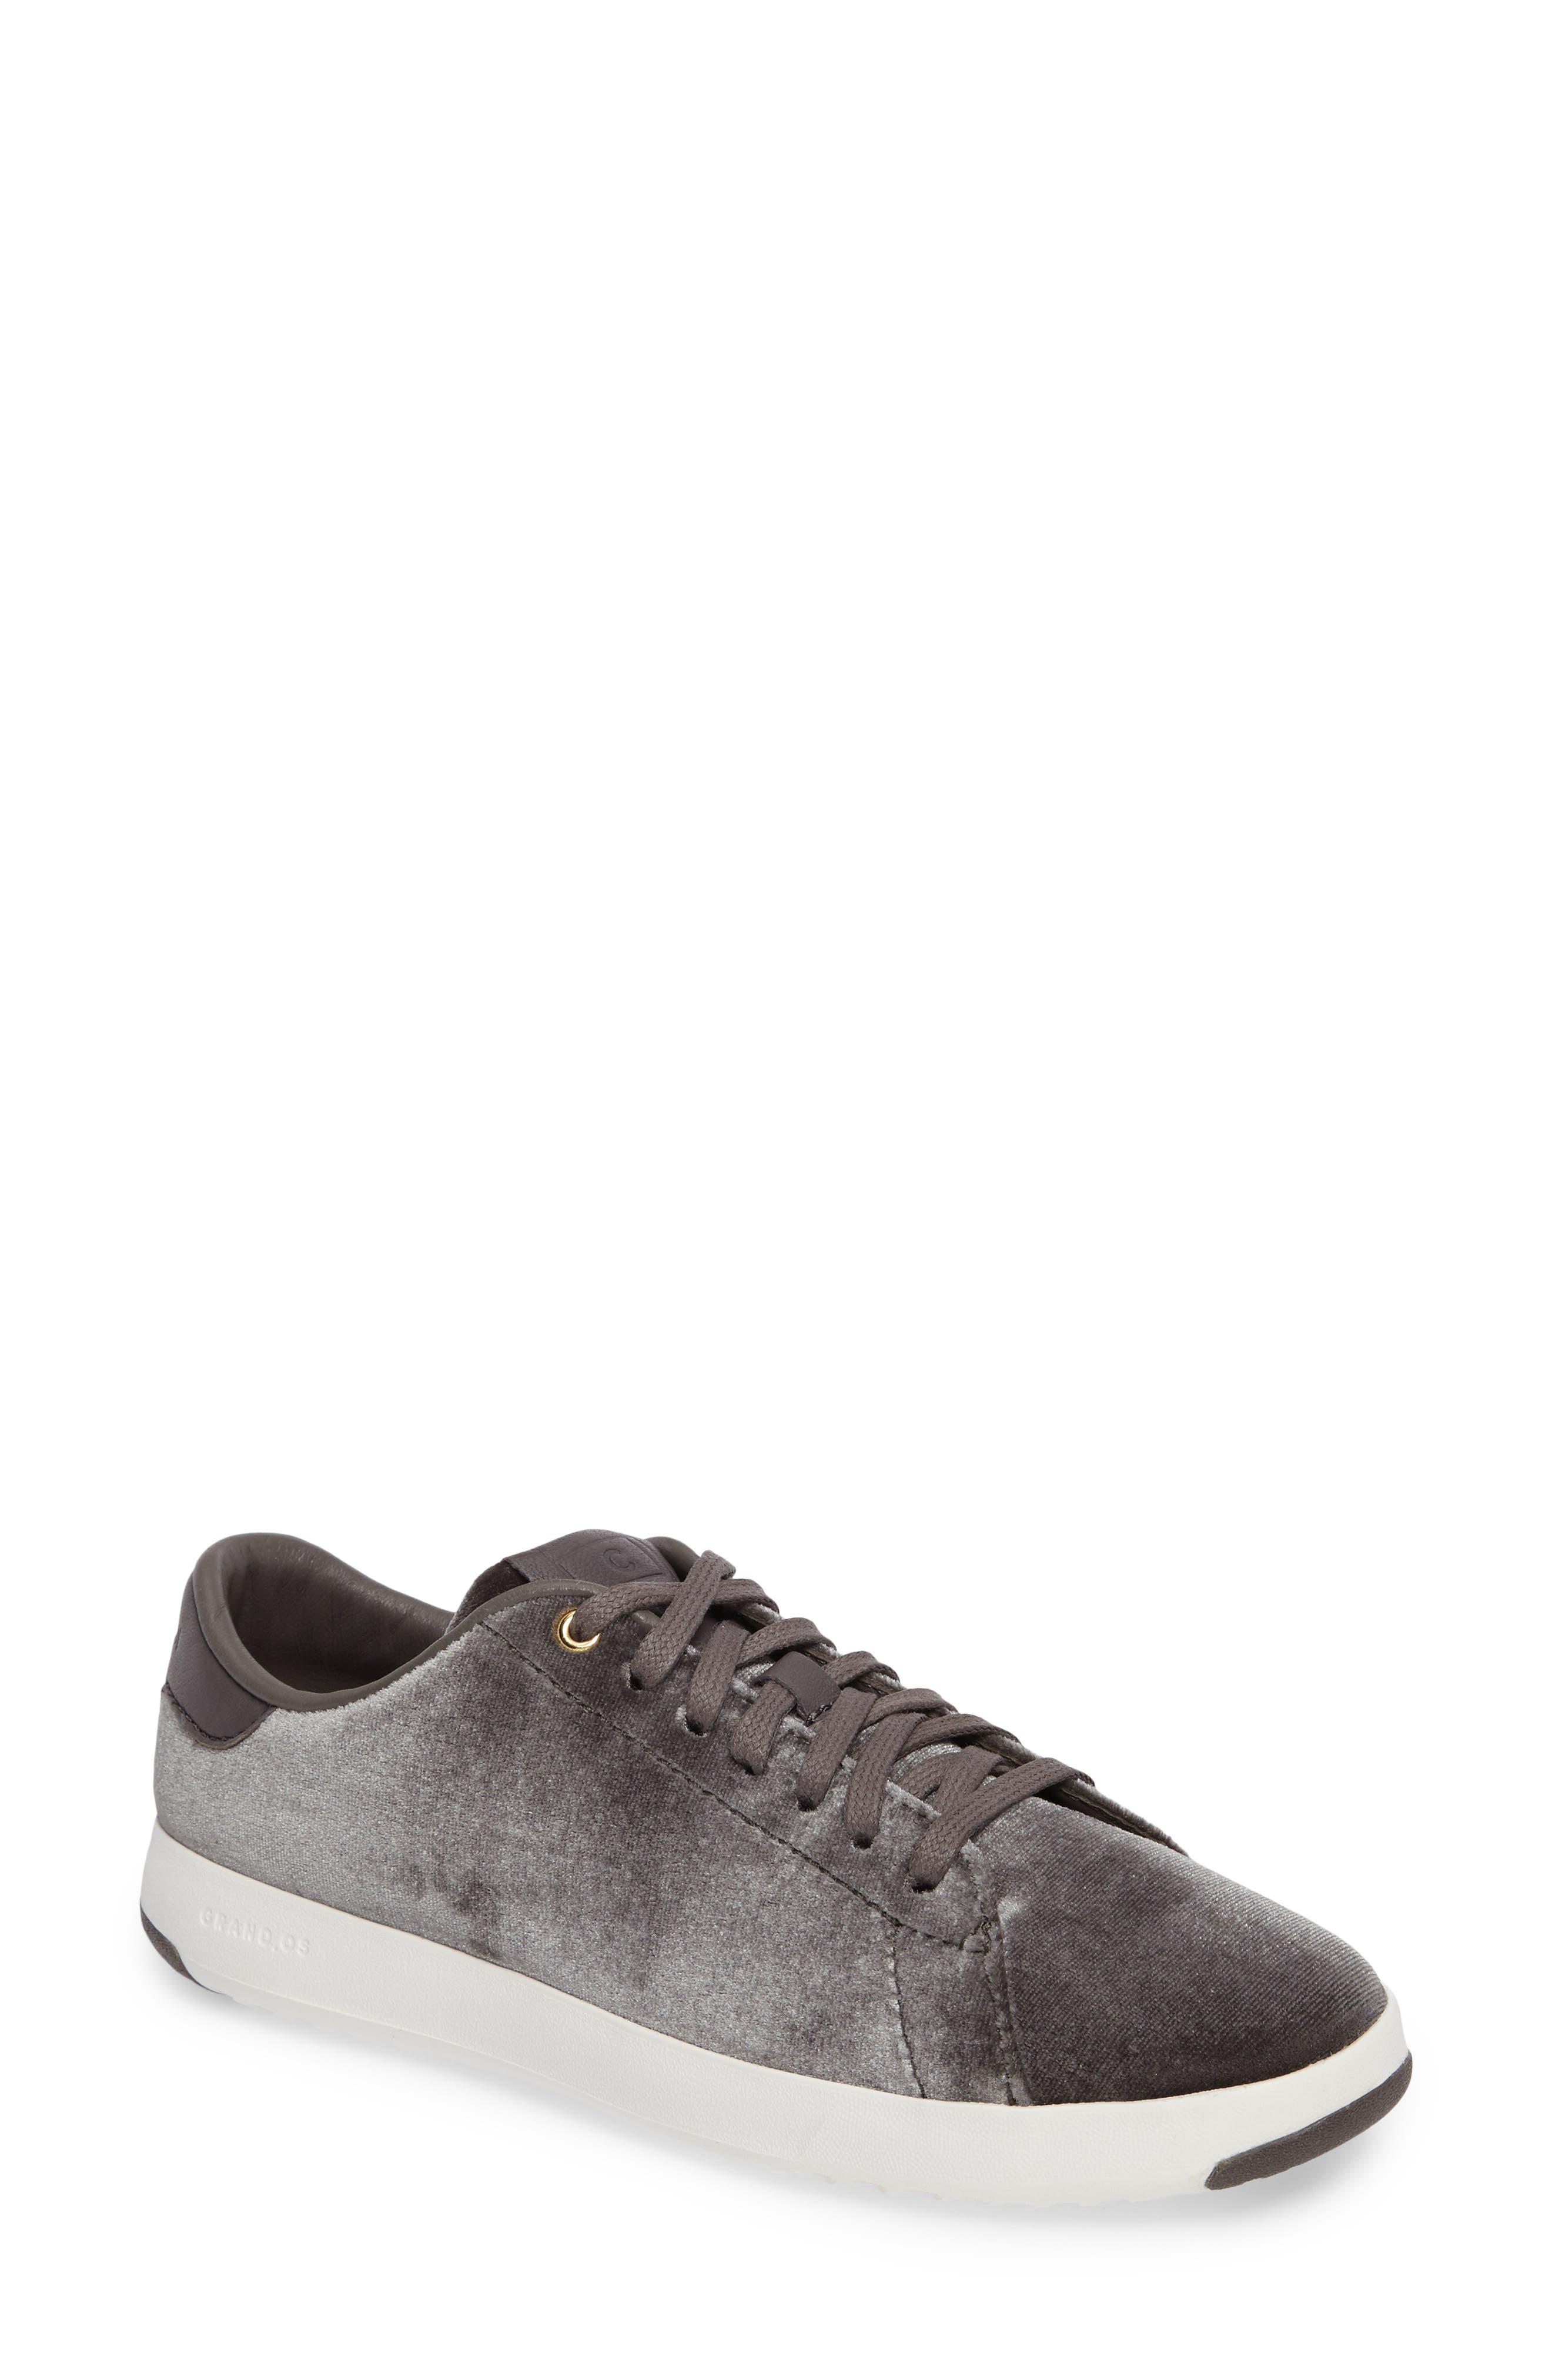 Cole Haan | GrandPro Tennis Shoe